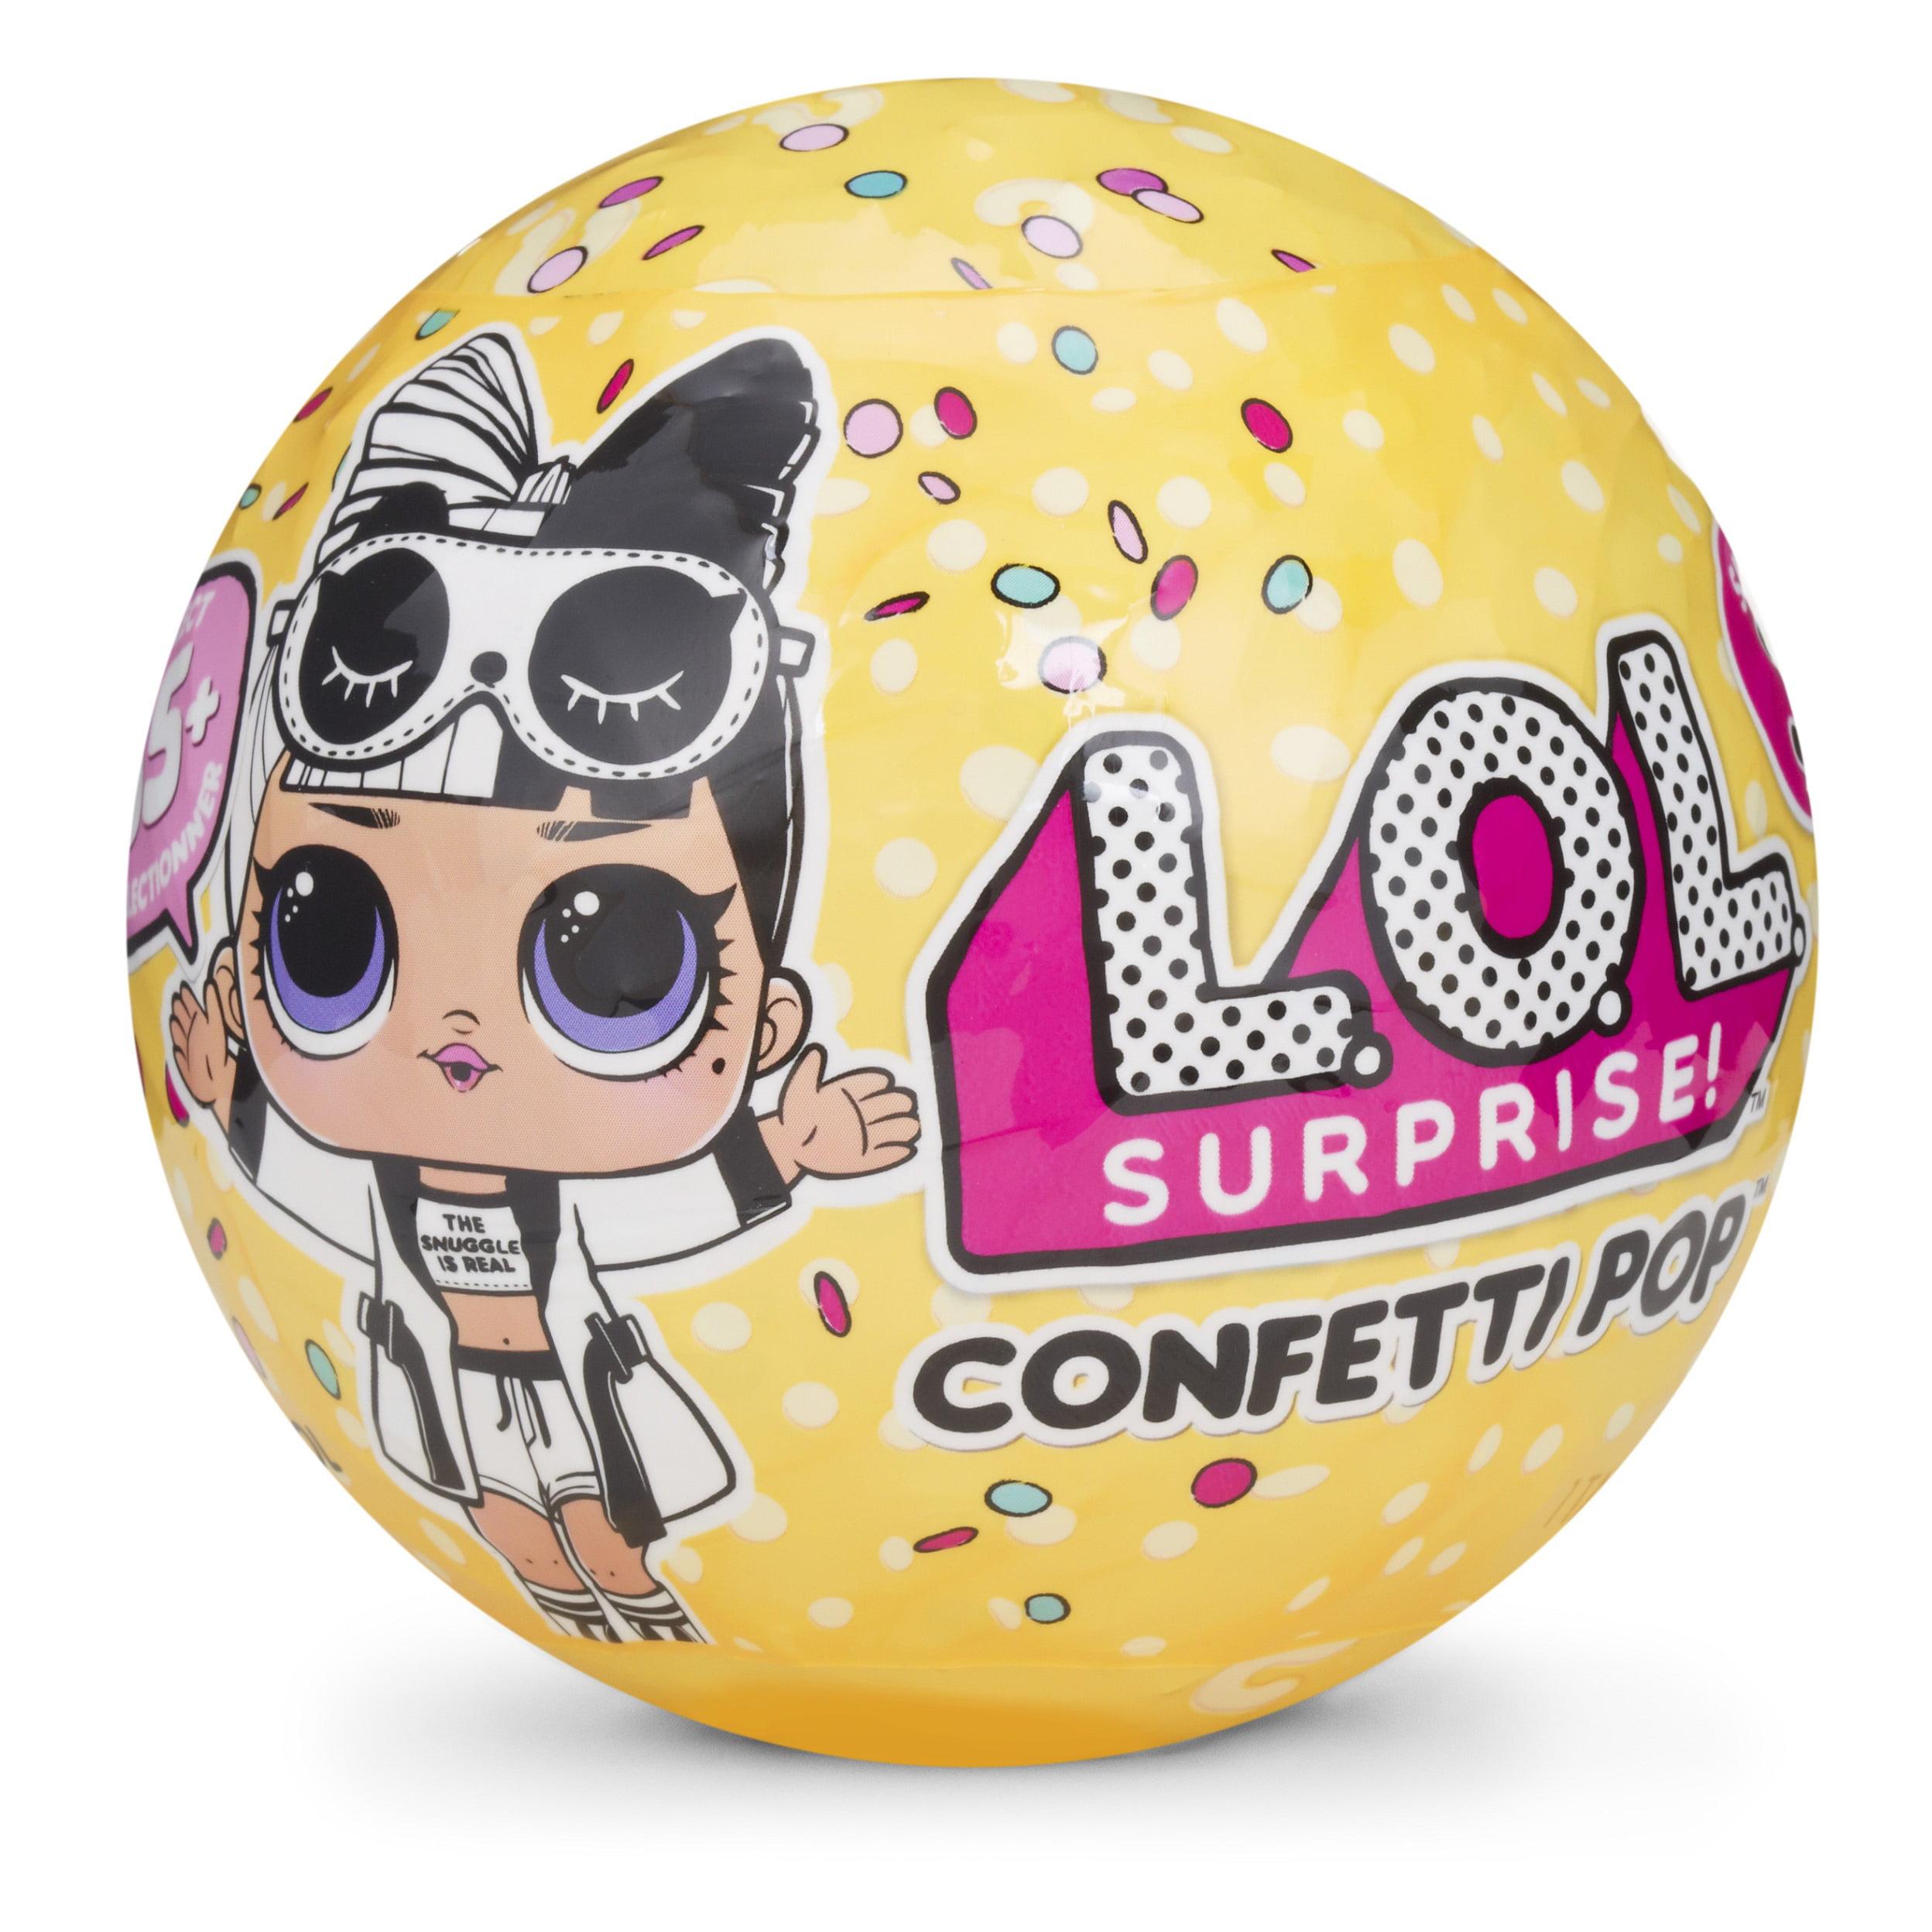 L.O.L. Surprise Series 3 Confetti Pop